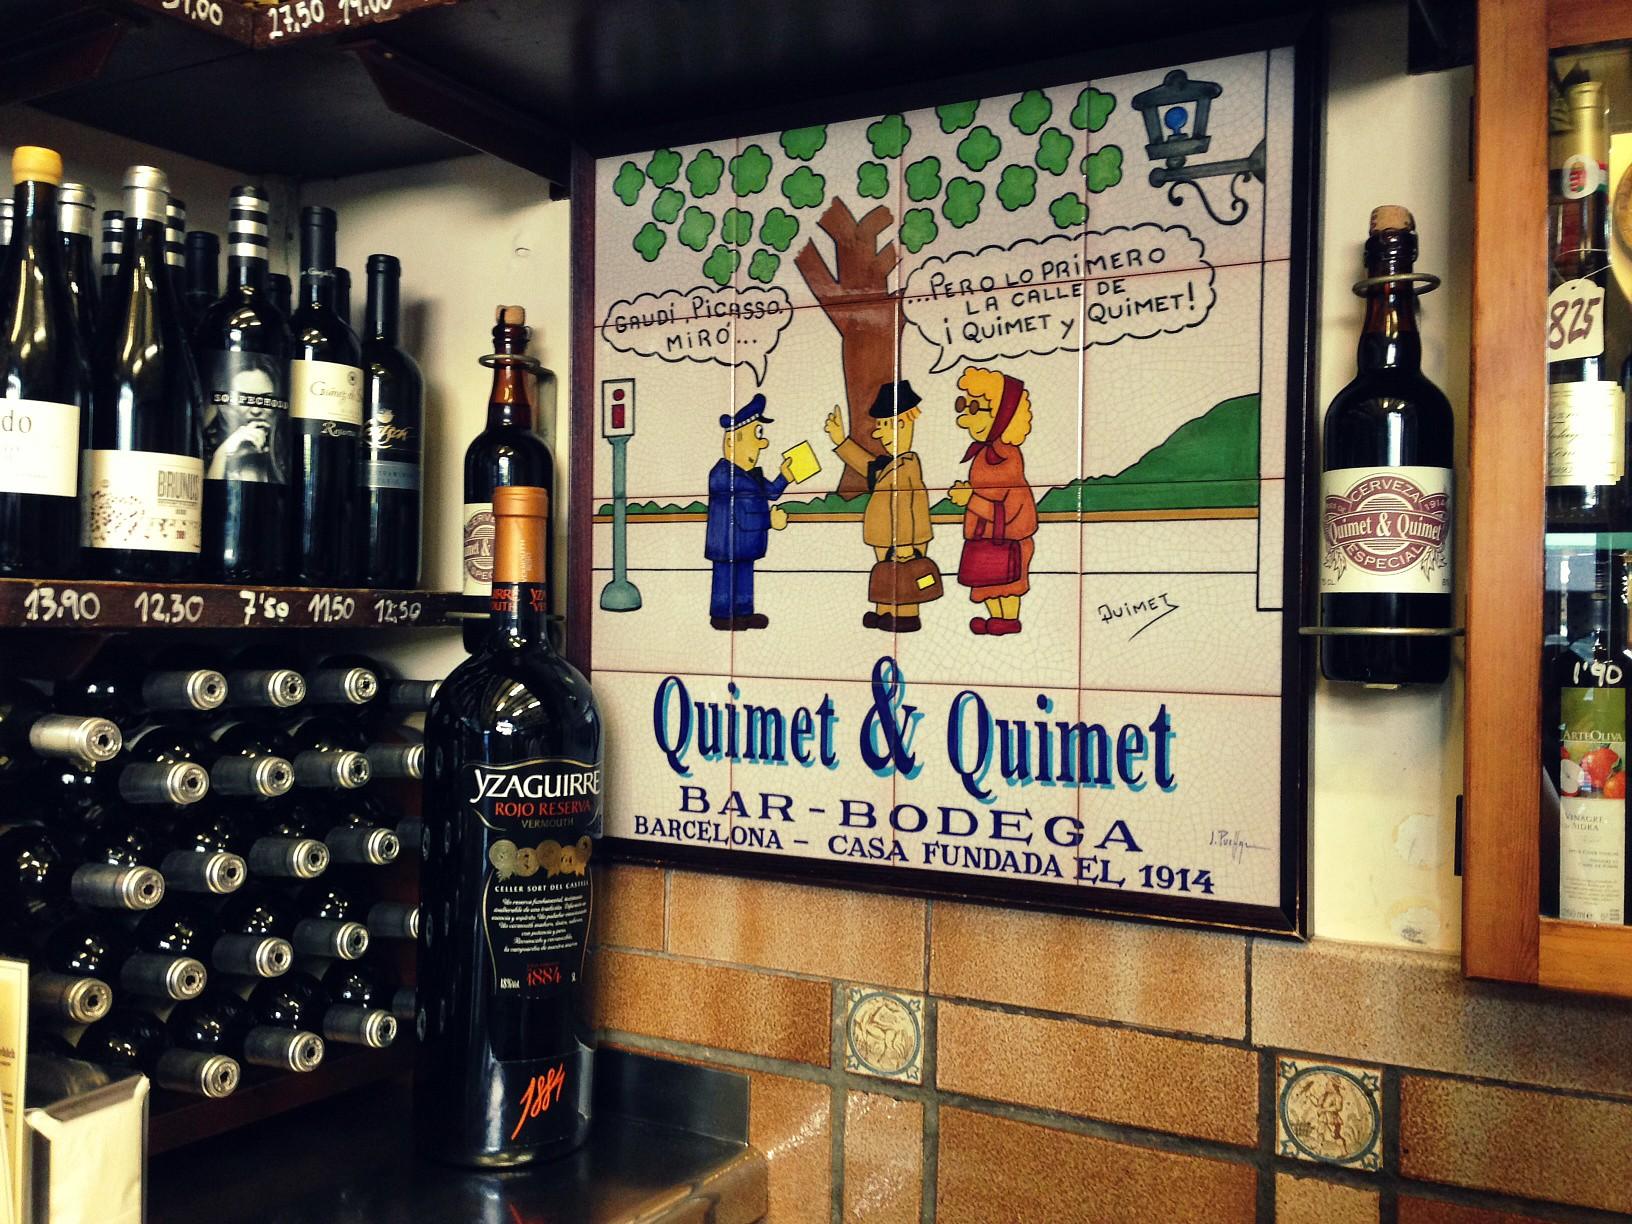 Cartel dentro de Quimet Quimet